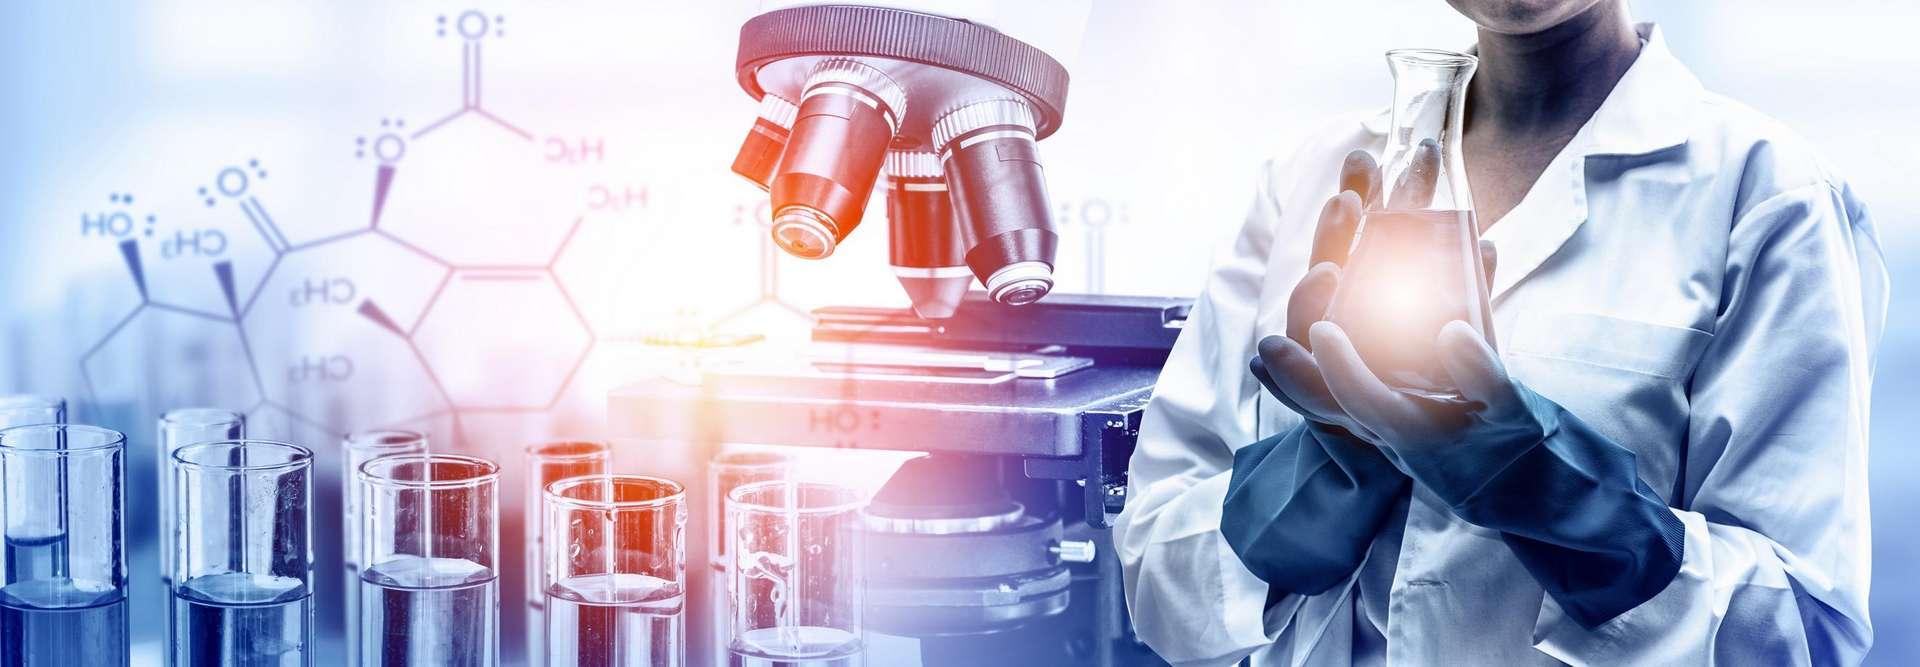 L'Australie est parvenue à répliquer le coronavirus chinois en laboratoire, laissant espérer des avancées cruciales dans la compréhension du virus, et peut-être, dans la création d'un vaccin. © Blue Planet Studio, Adobe Stock